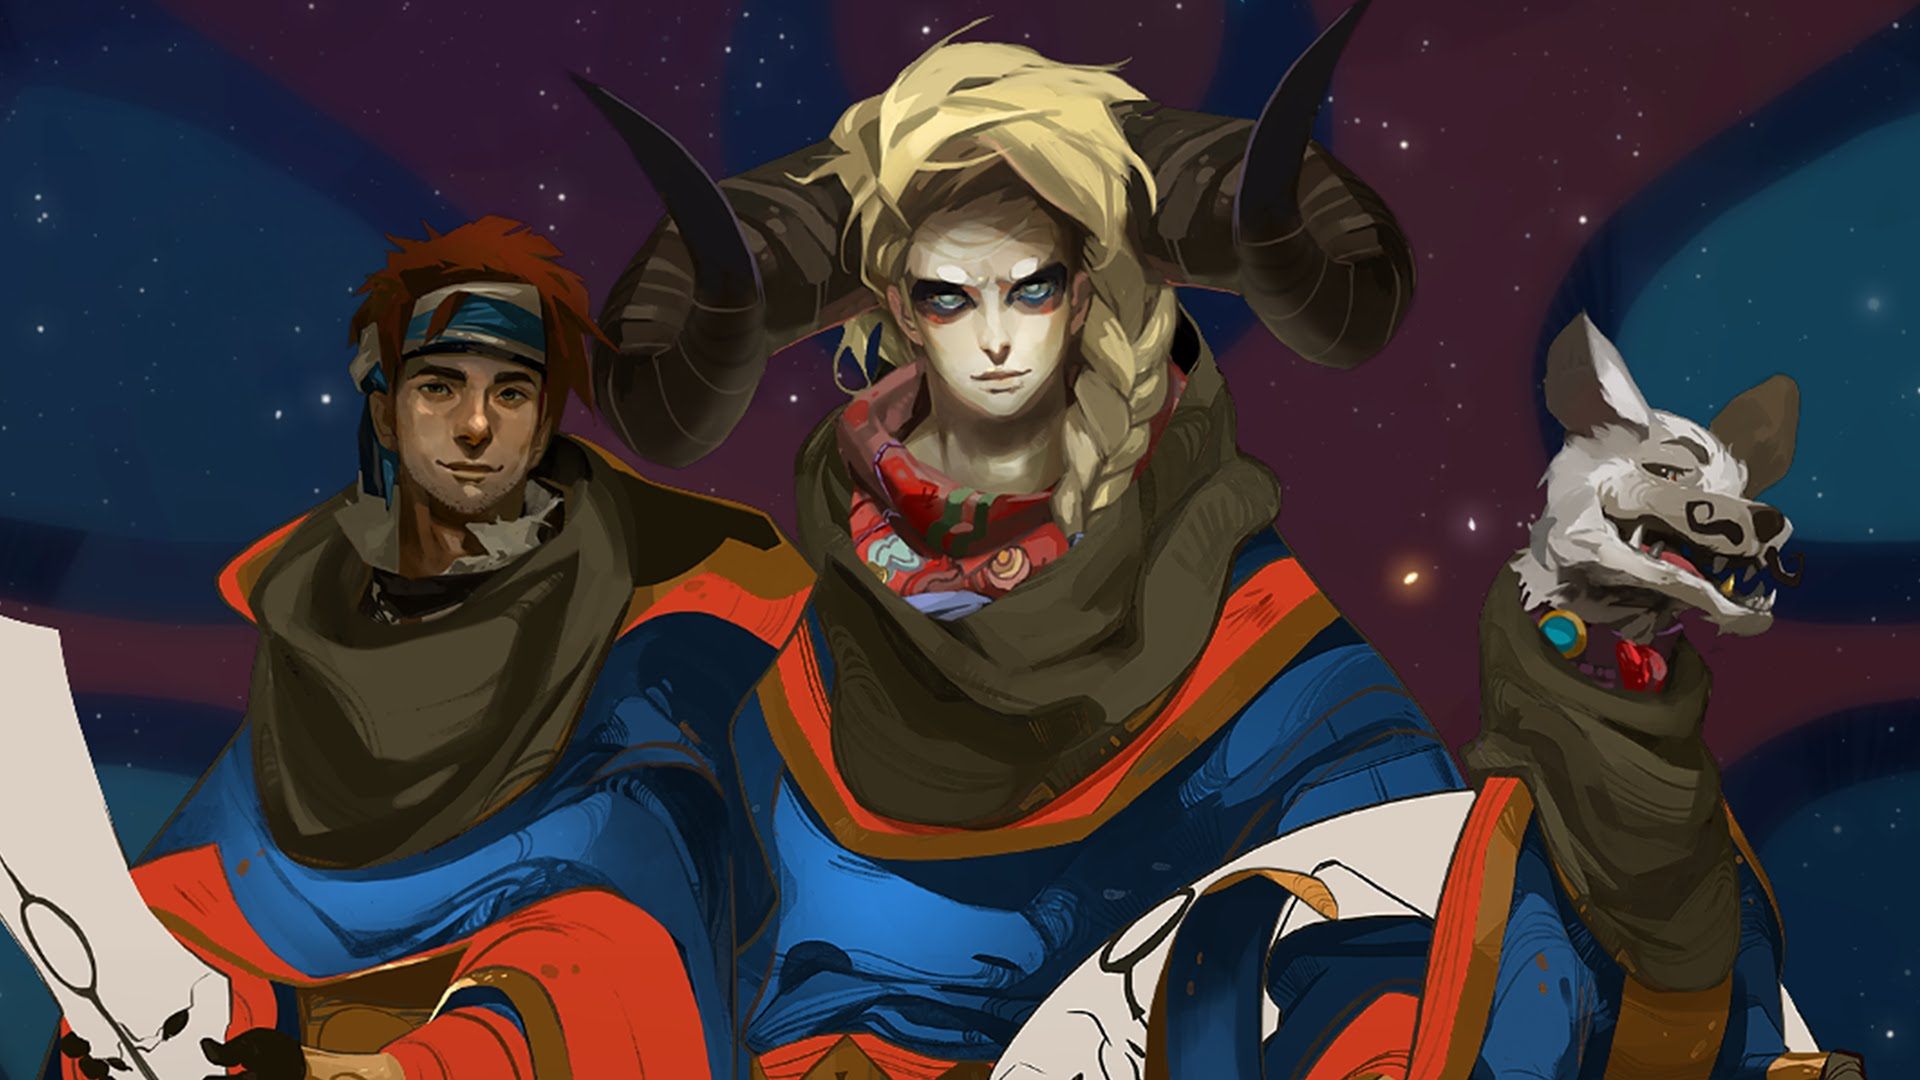 Imagem do jogo Pyre, da Supergiant Games, que mostra os três personagens iniciais da aventura.